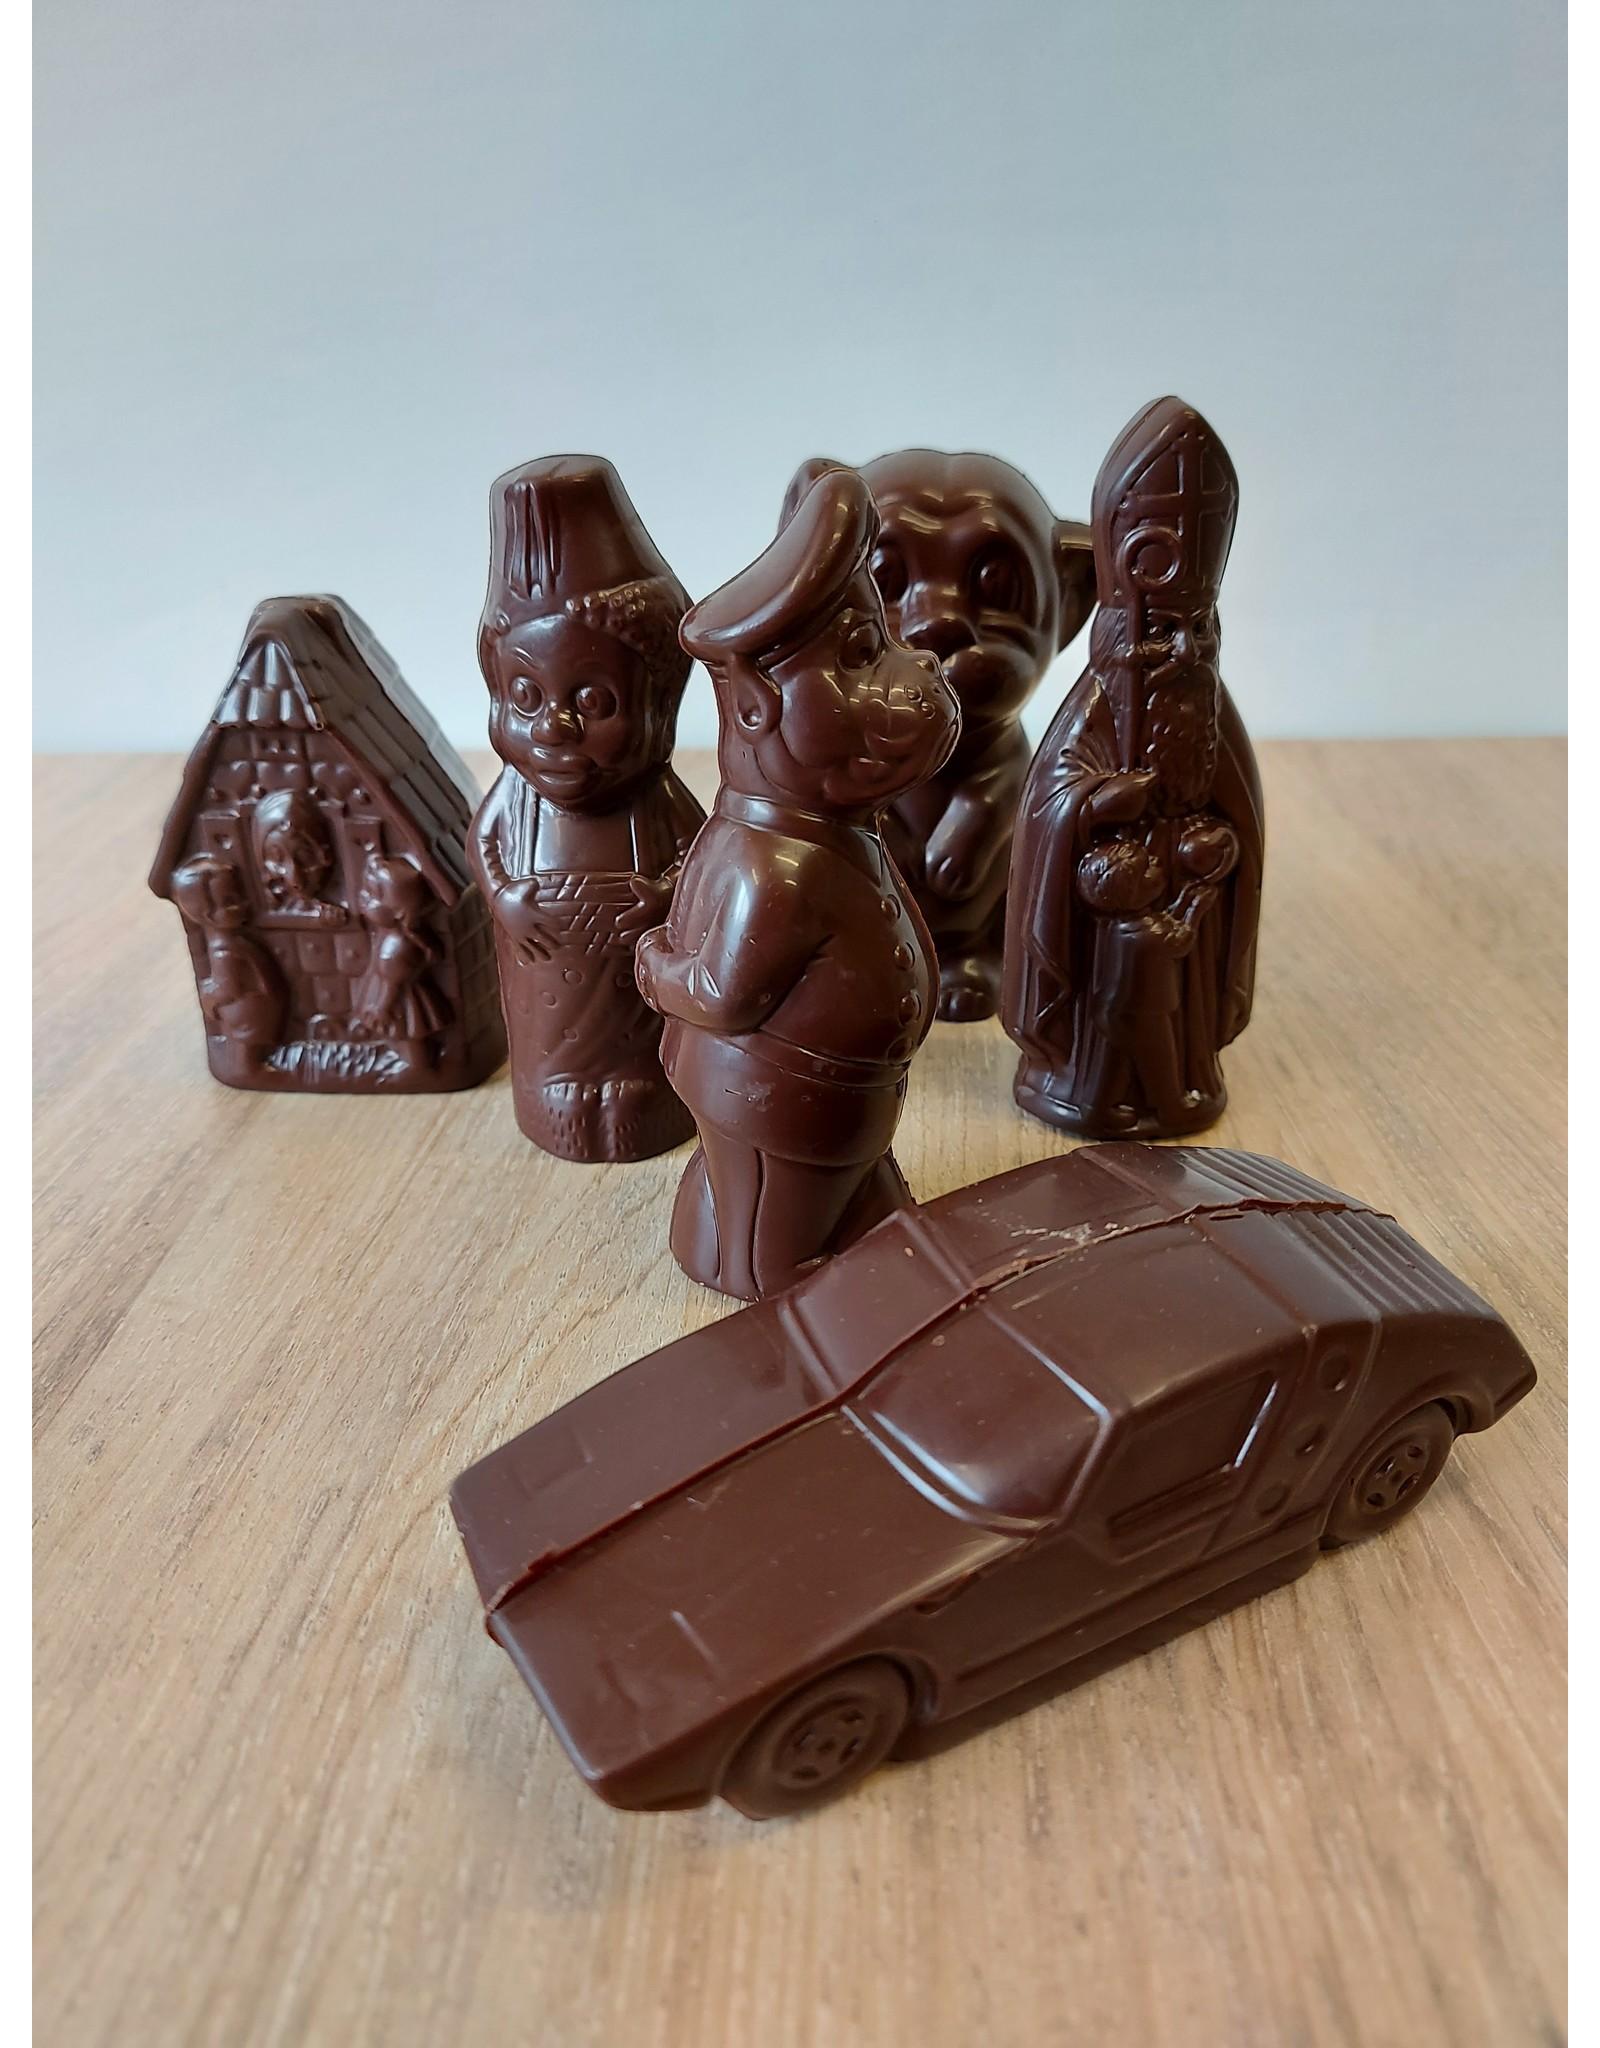 Suikervrije Sinterklaasfiguren - melkchocolade en fondant chocolade